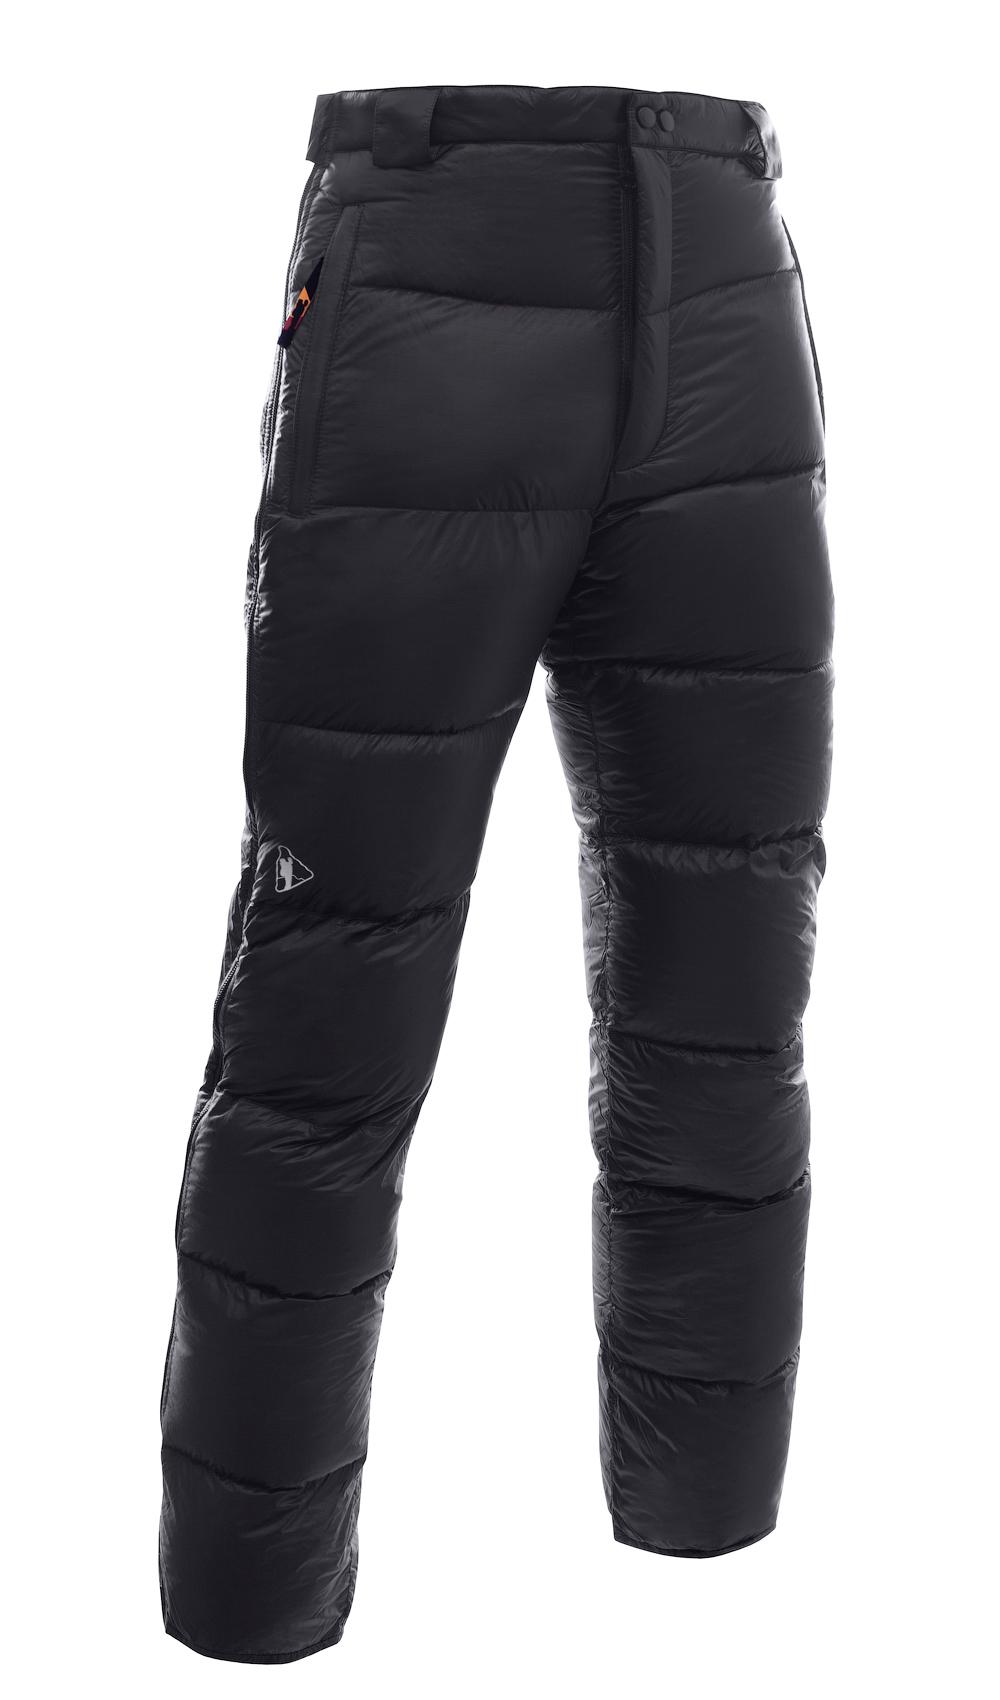 Купить Универсальные пуховые брюки Баск MERIBEL V3 черные, Компания БАСК